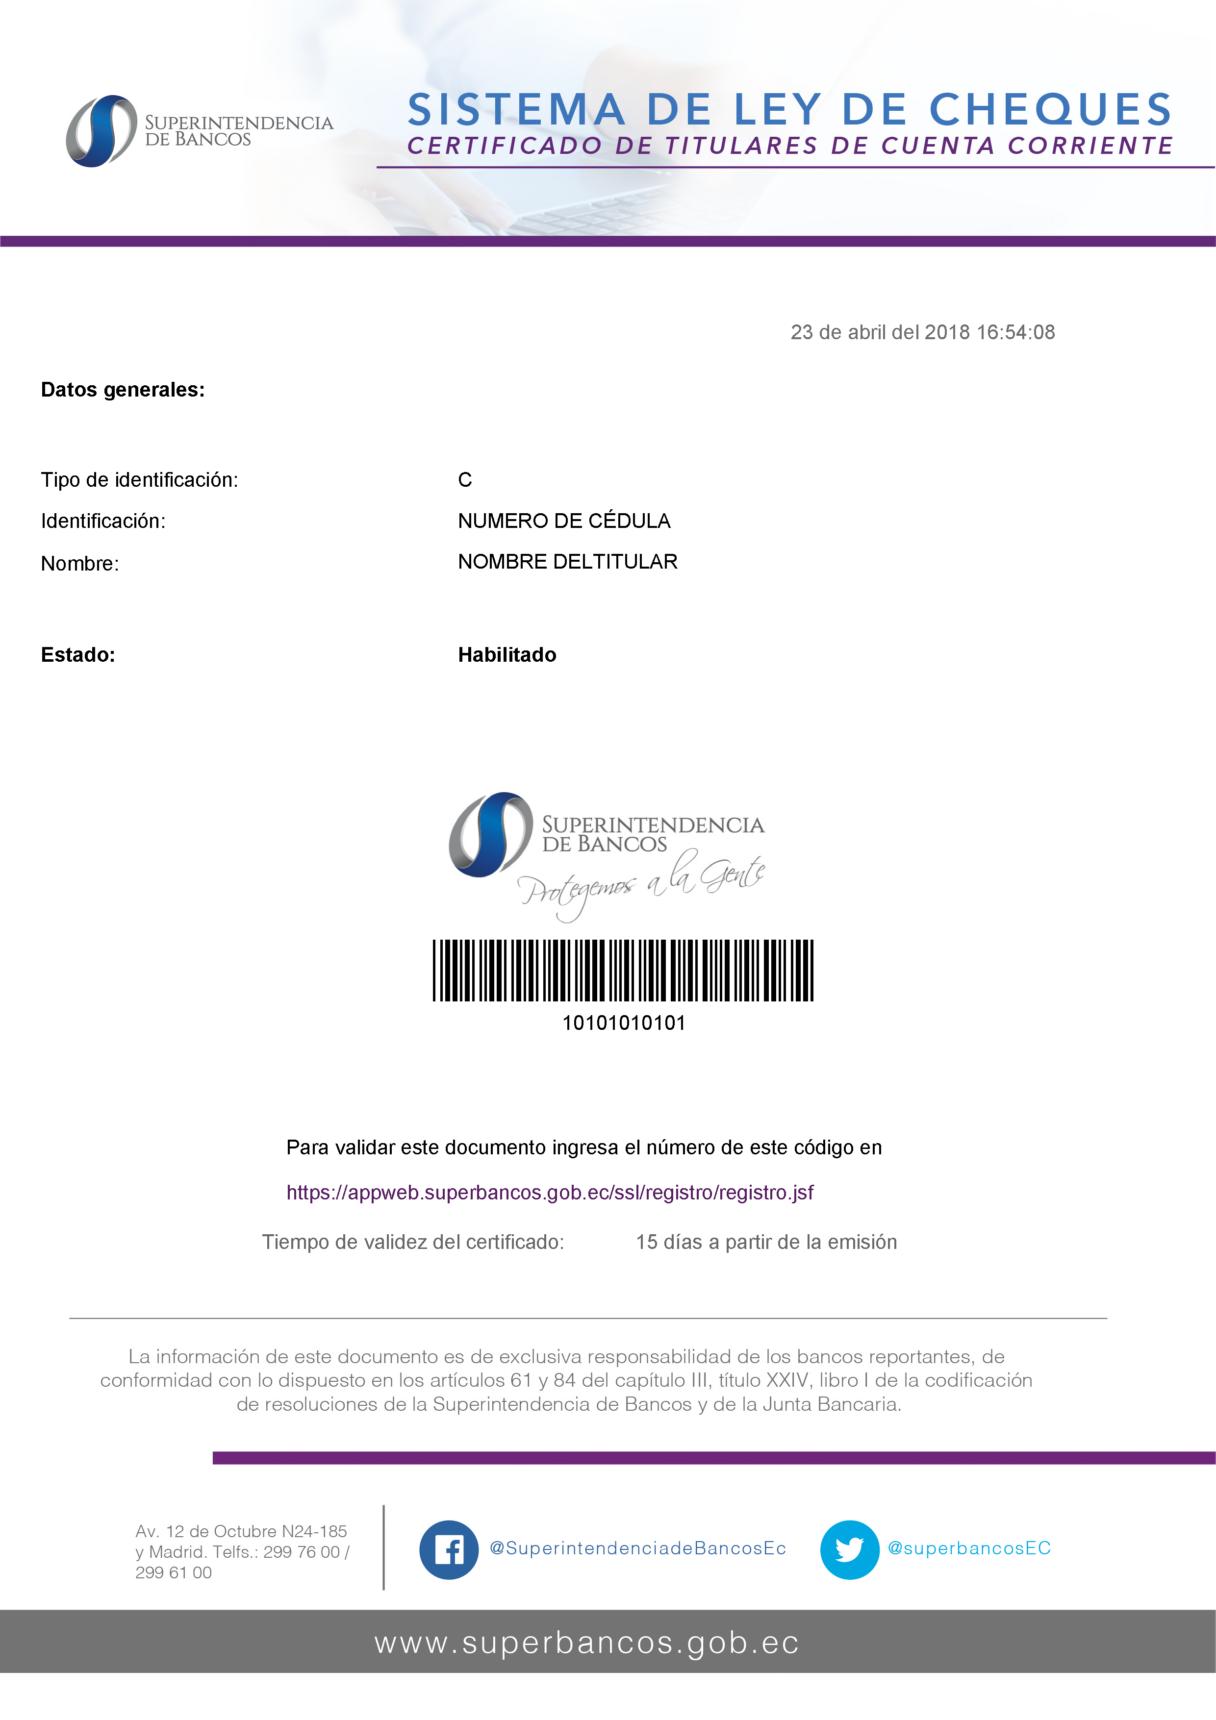 cuentas corrientes  u2013 superintendencia de bancos